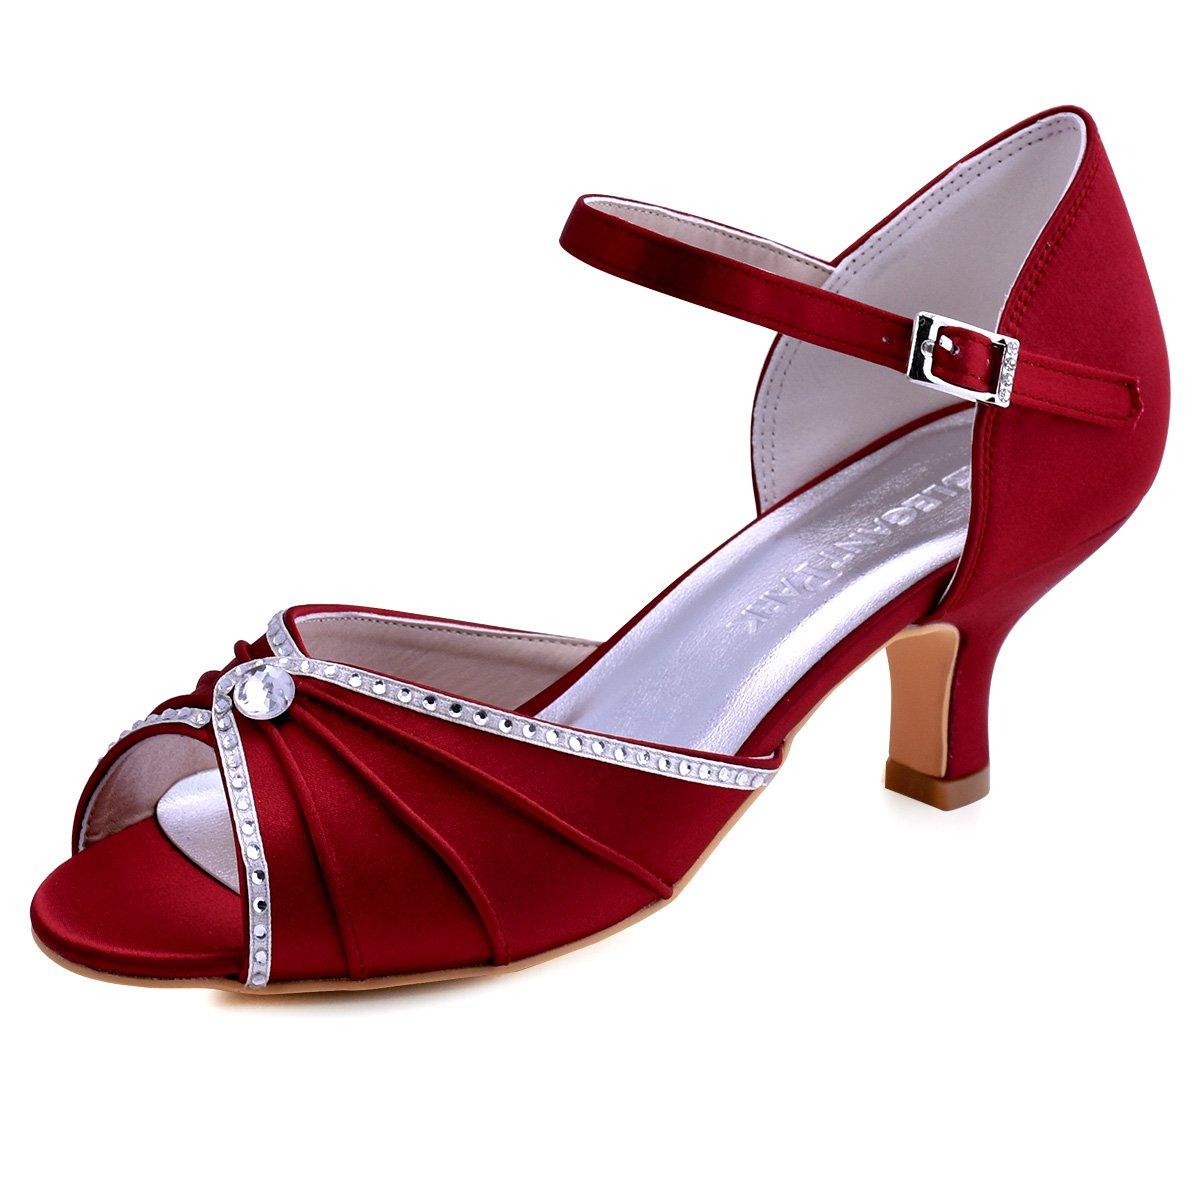 ElegantPark Bourgogne HP1623 B074KHVBP5 Escarpins Satin Bout ouvert Diamant ouvert Talon Bas Sandales chaussures de mariee bal Bourgogne f3aead6 - fast-weightloss-diet.space